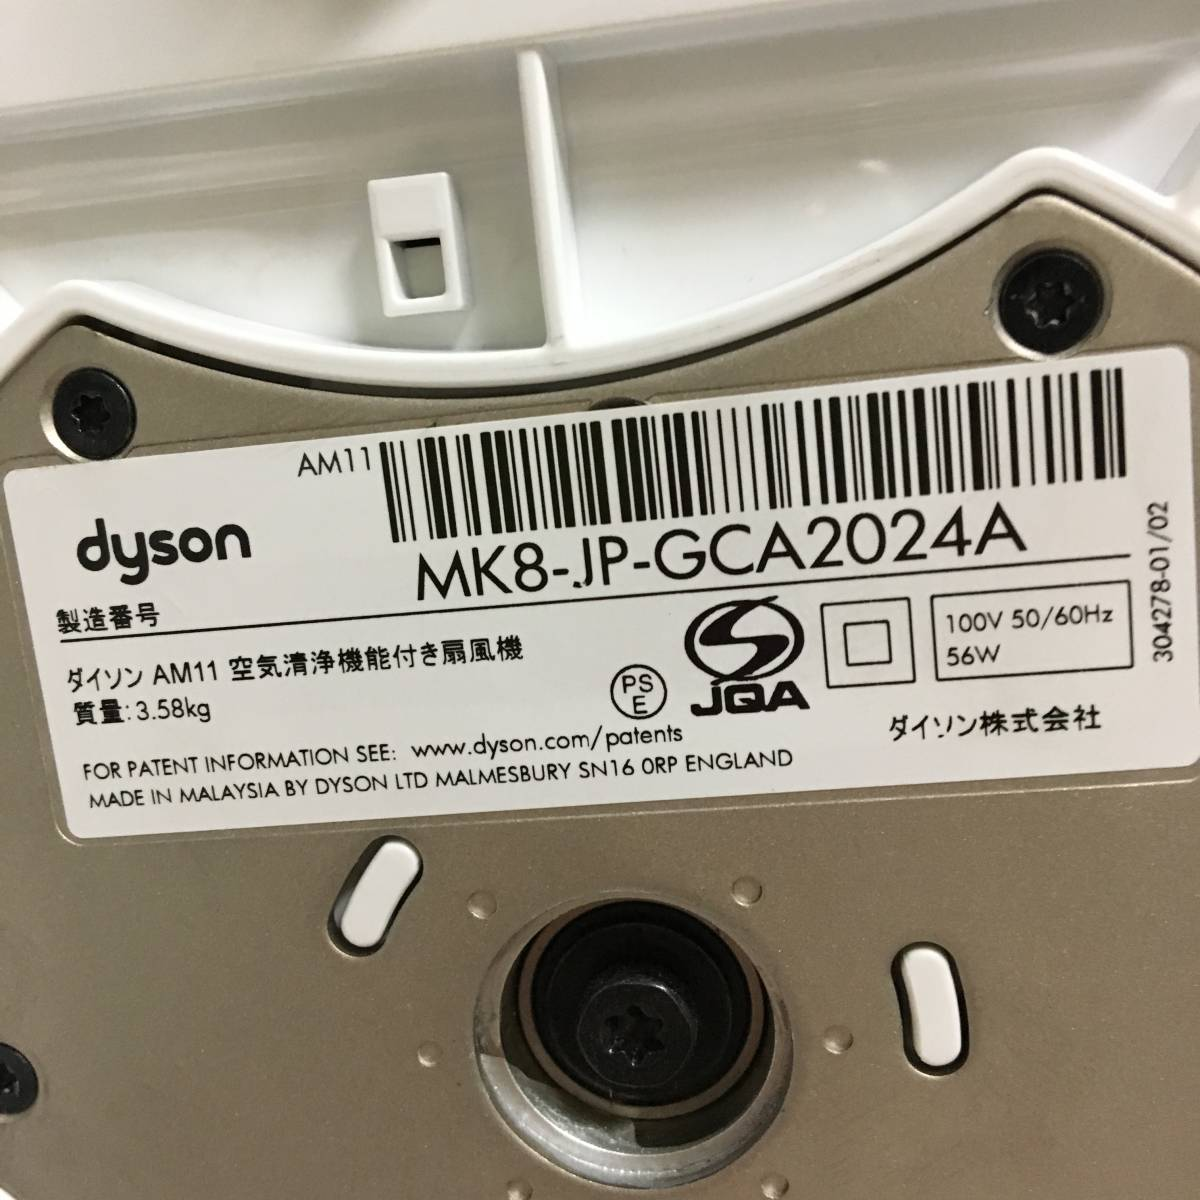 dyson ダイソン タワーファン ピュアクール 空気清浄機 扇風機 AM11 リモコンなし ホワイト _画像5